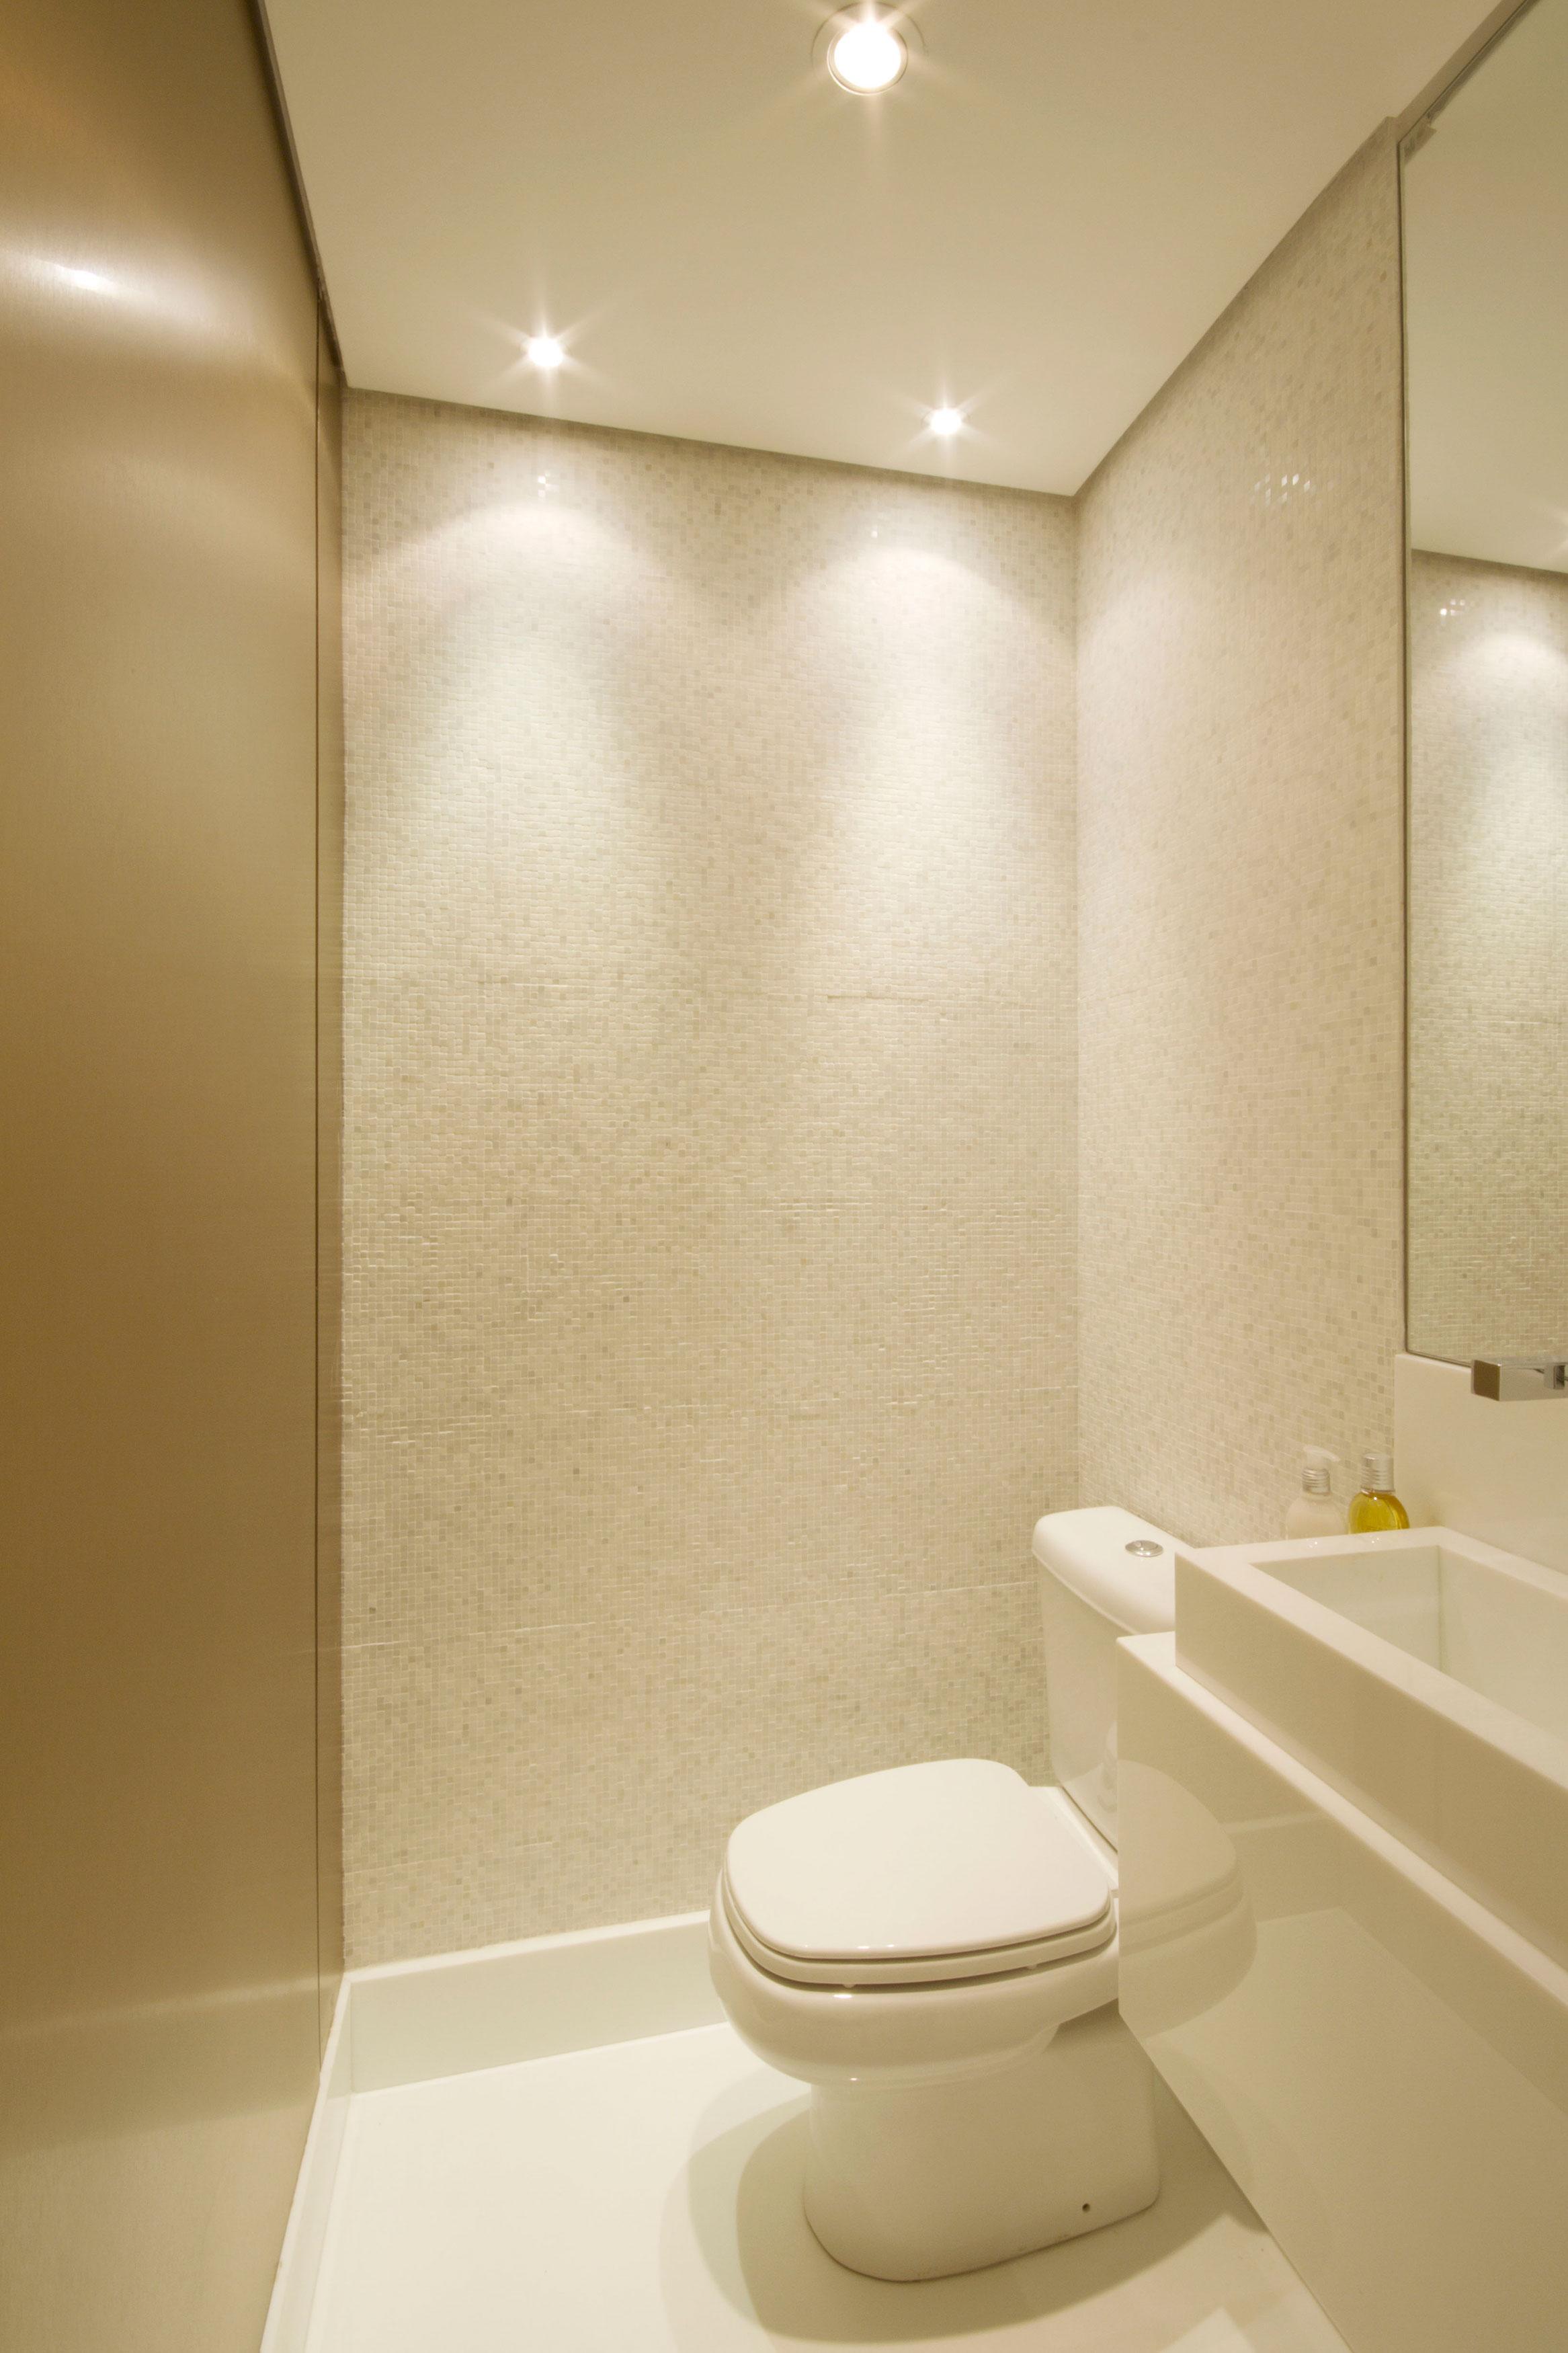 108 m² - Lavabo